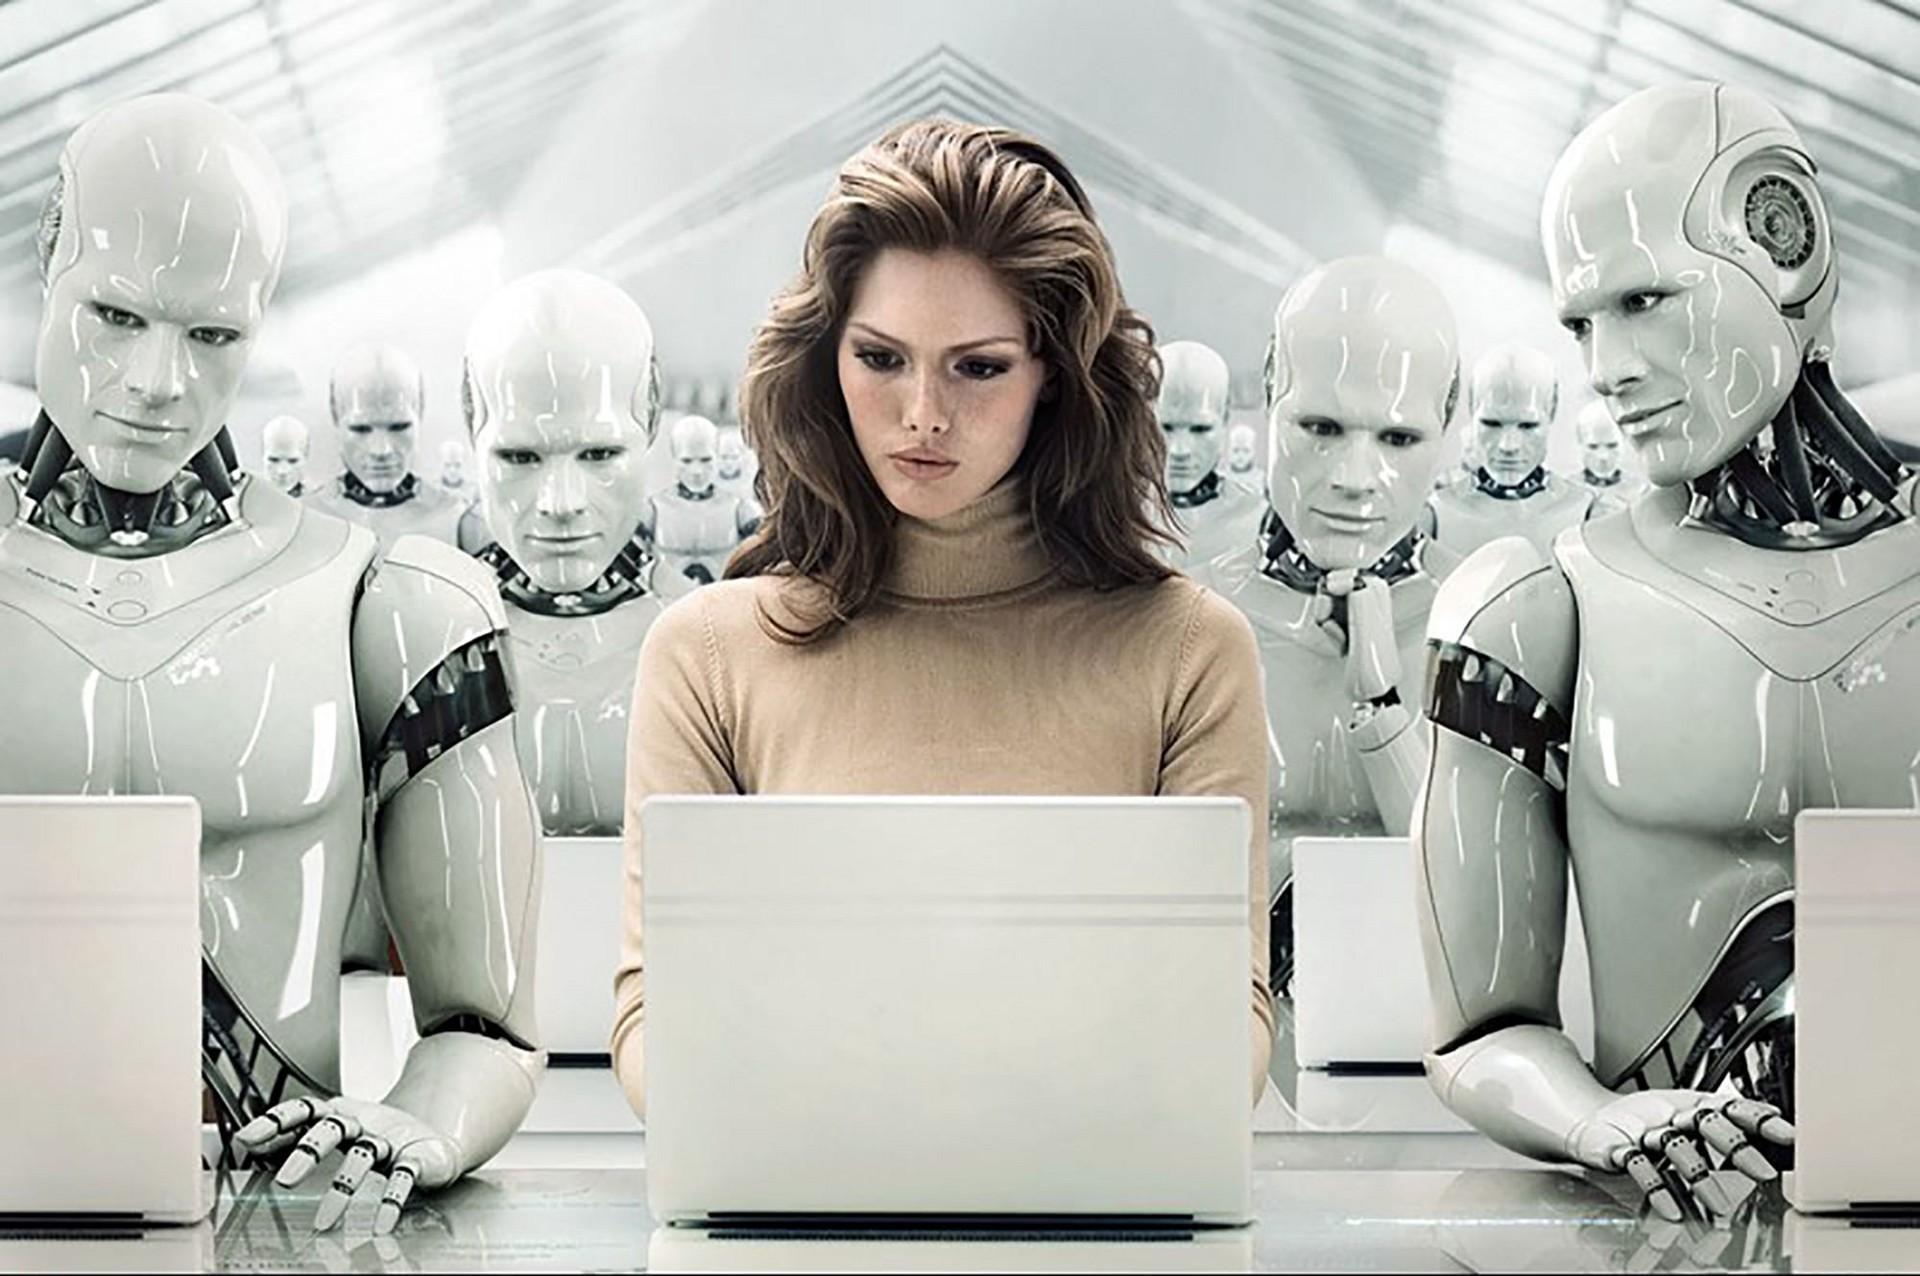 human-among-robots